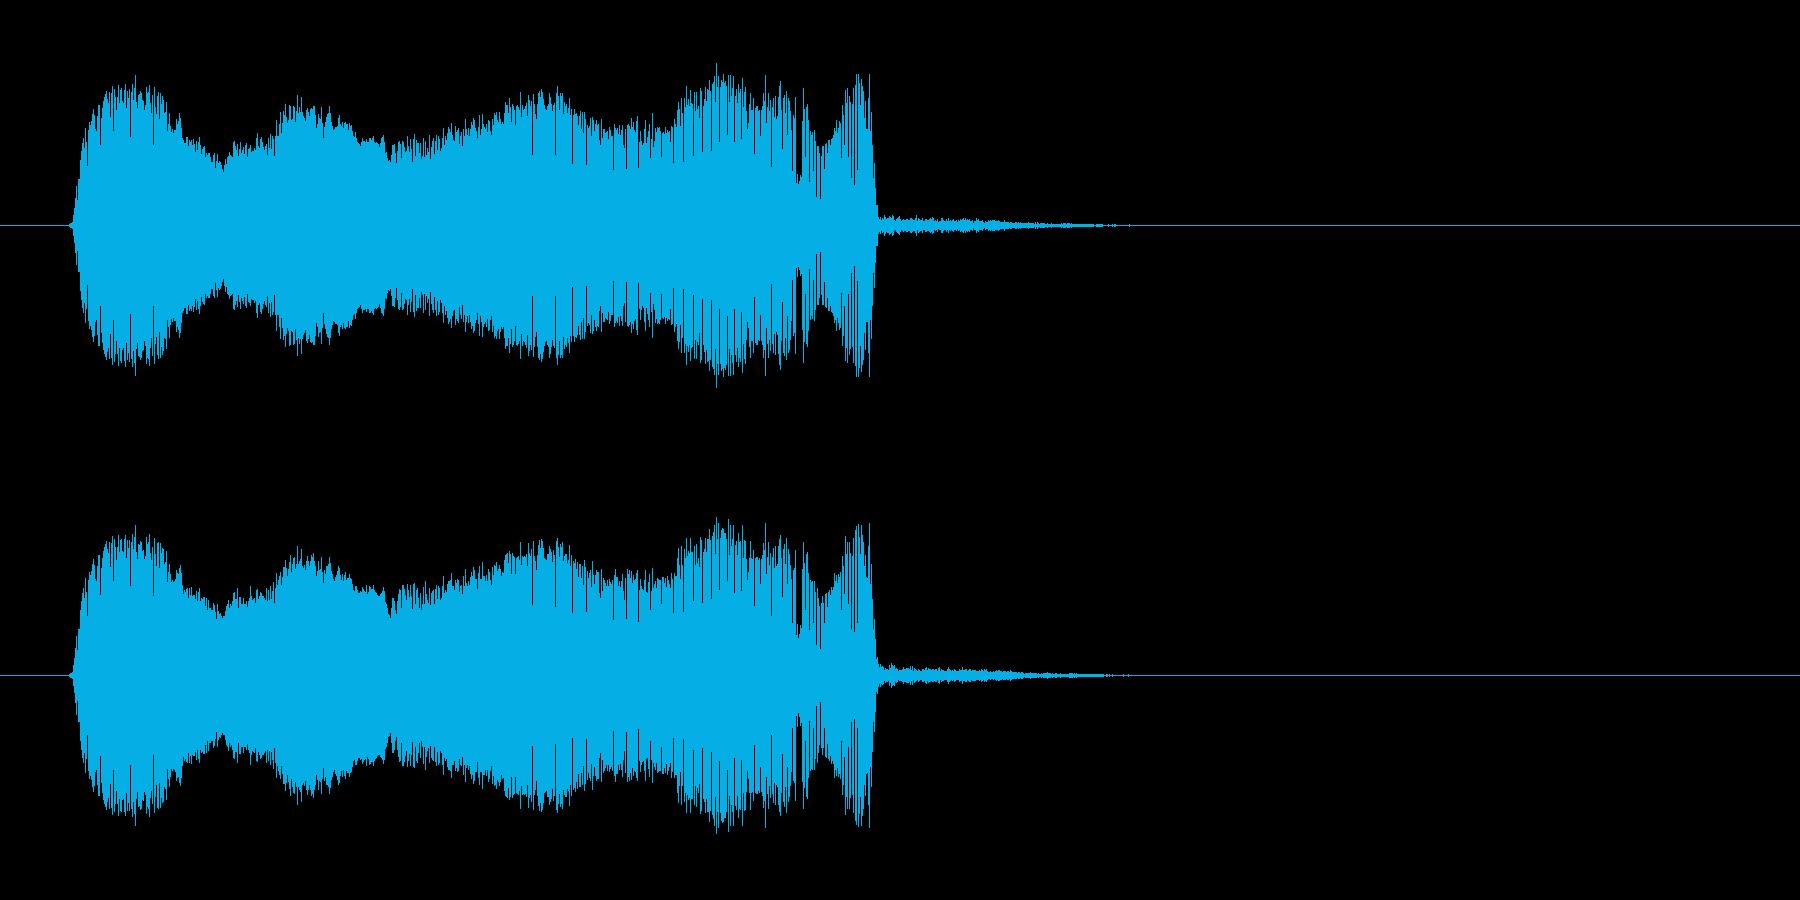 キューッ!!小動物の悲鳴のような効果音の再生済みの波形